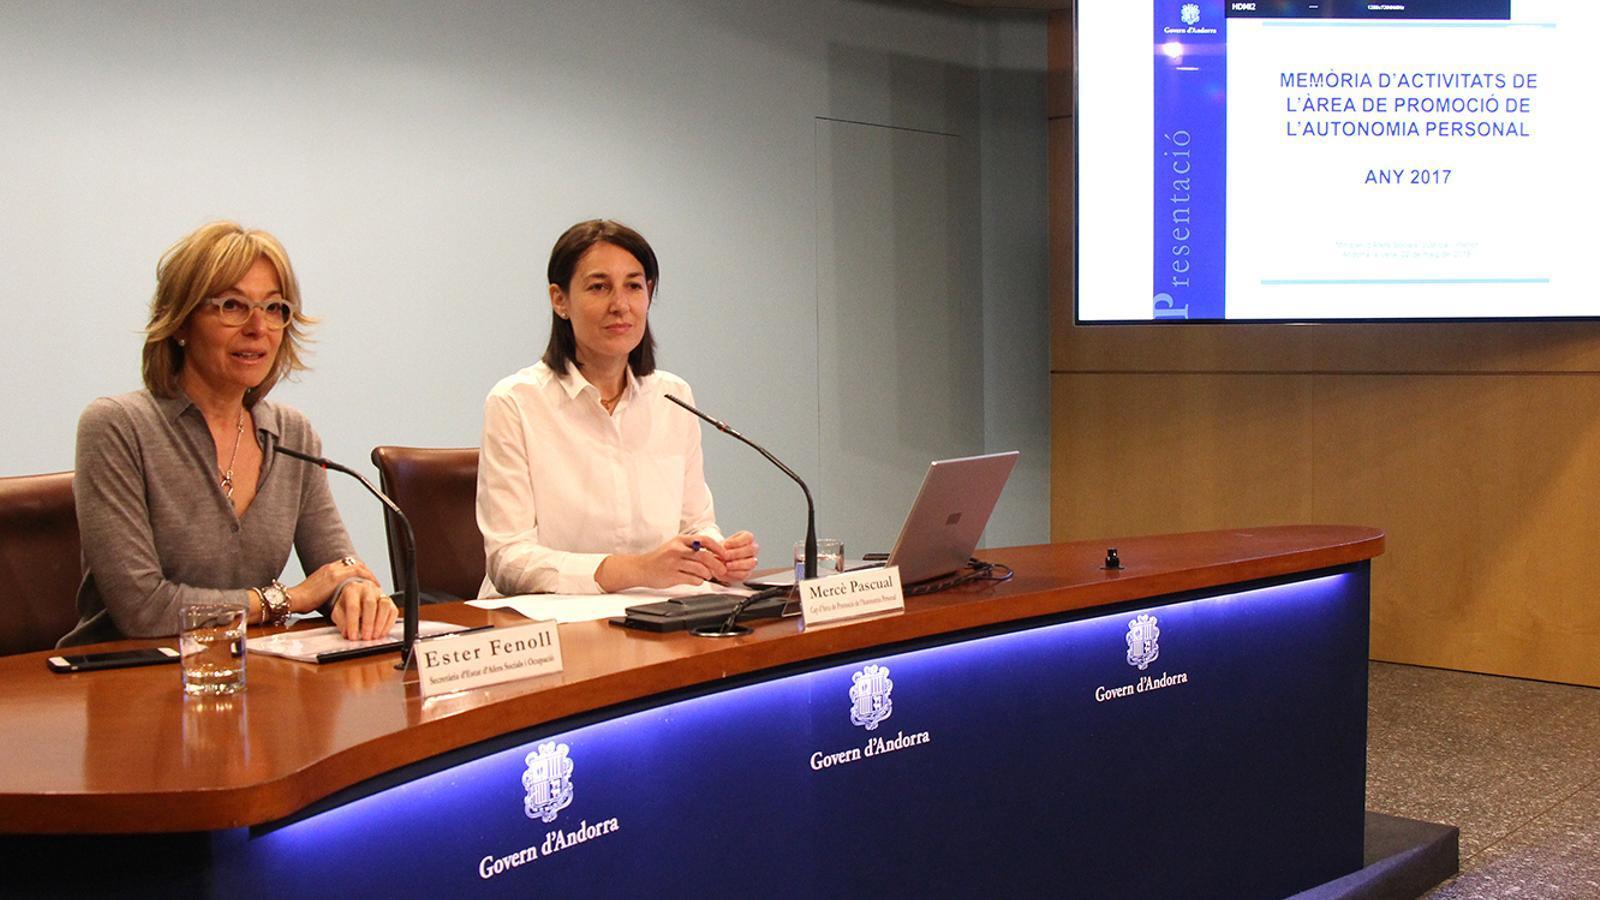 La secretària d'Estat d'Afers Socials i Ocupació, Ester Fenoll, i la coordinadora d'Afers Socials, Mercè Pascual, durant la roda de premsa en què han facilitat les dades corresponents al 2017 de l'àrea de Promoció de l'Autonomia Personal. / M. F. (ANA)